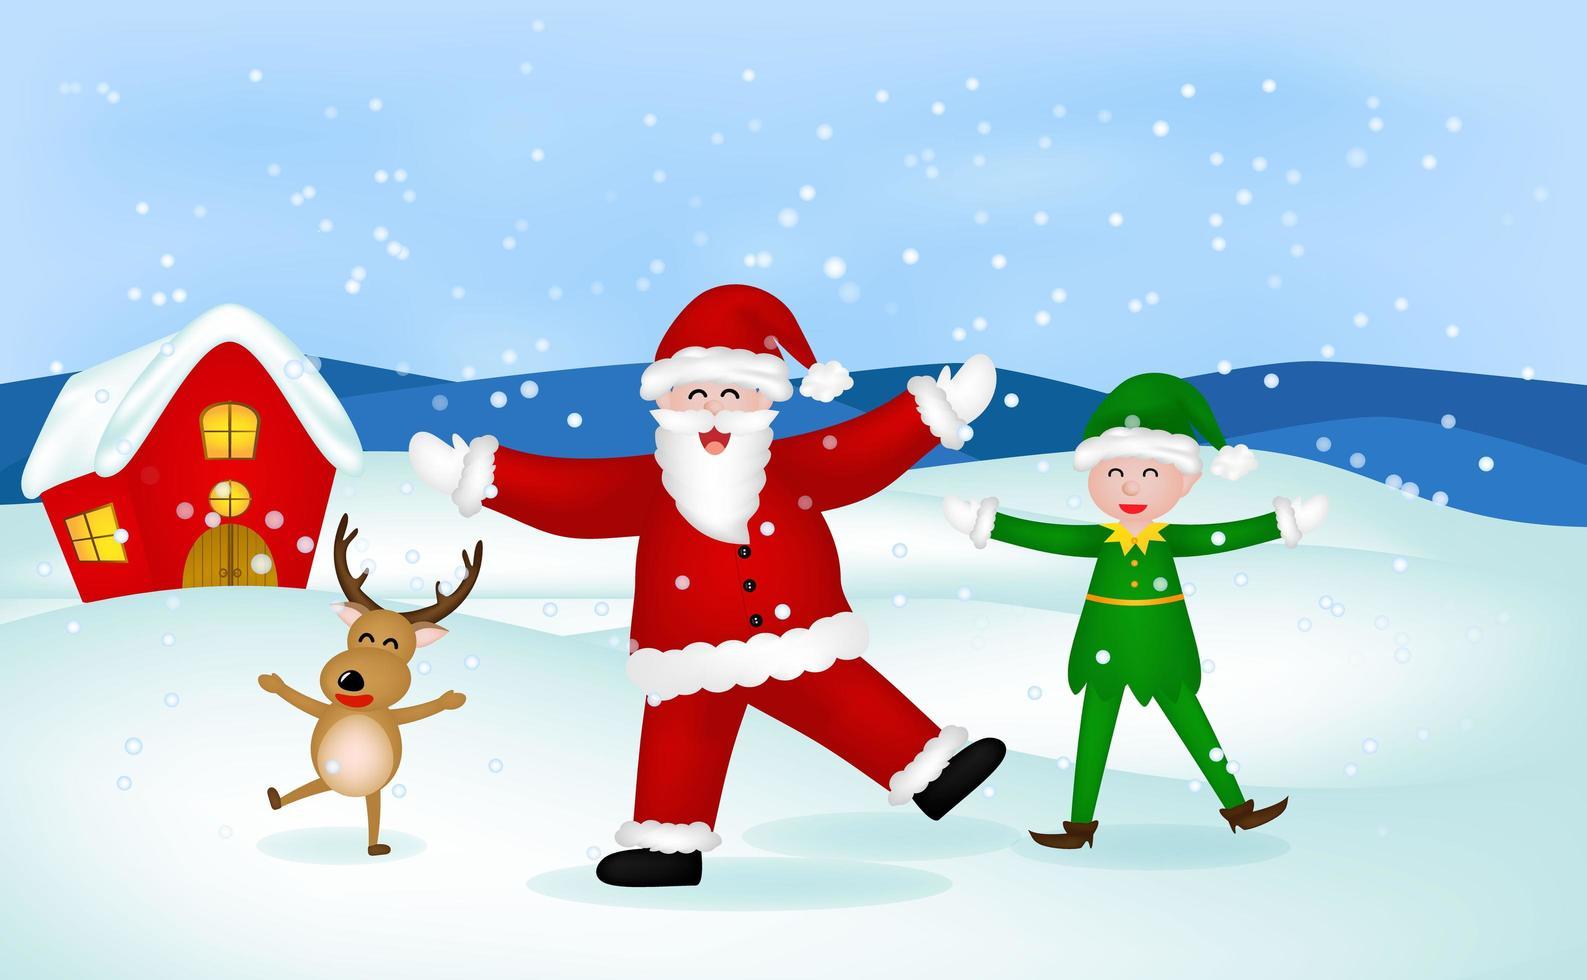 kerstman, rendieren en elf in kerst sneeuwscène vector